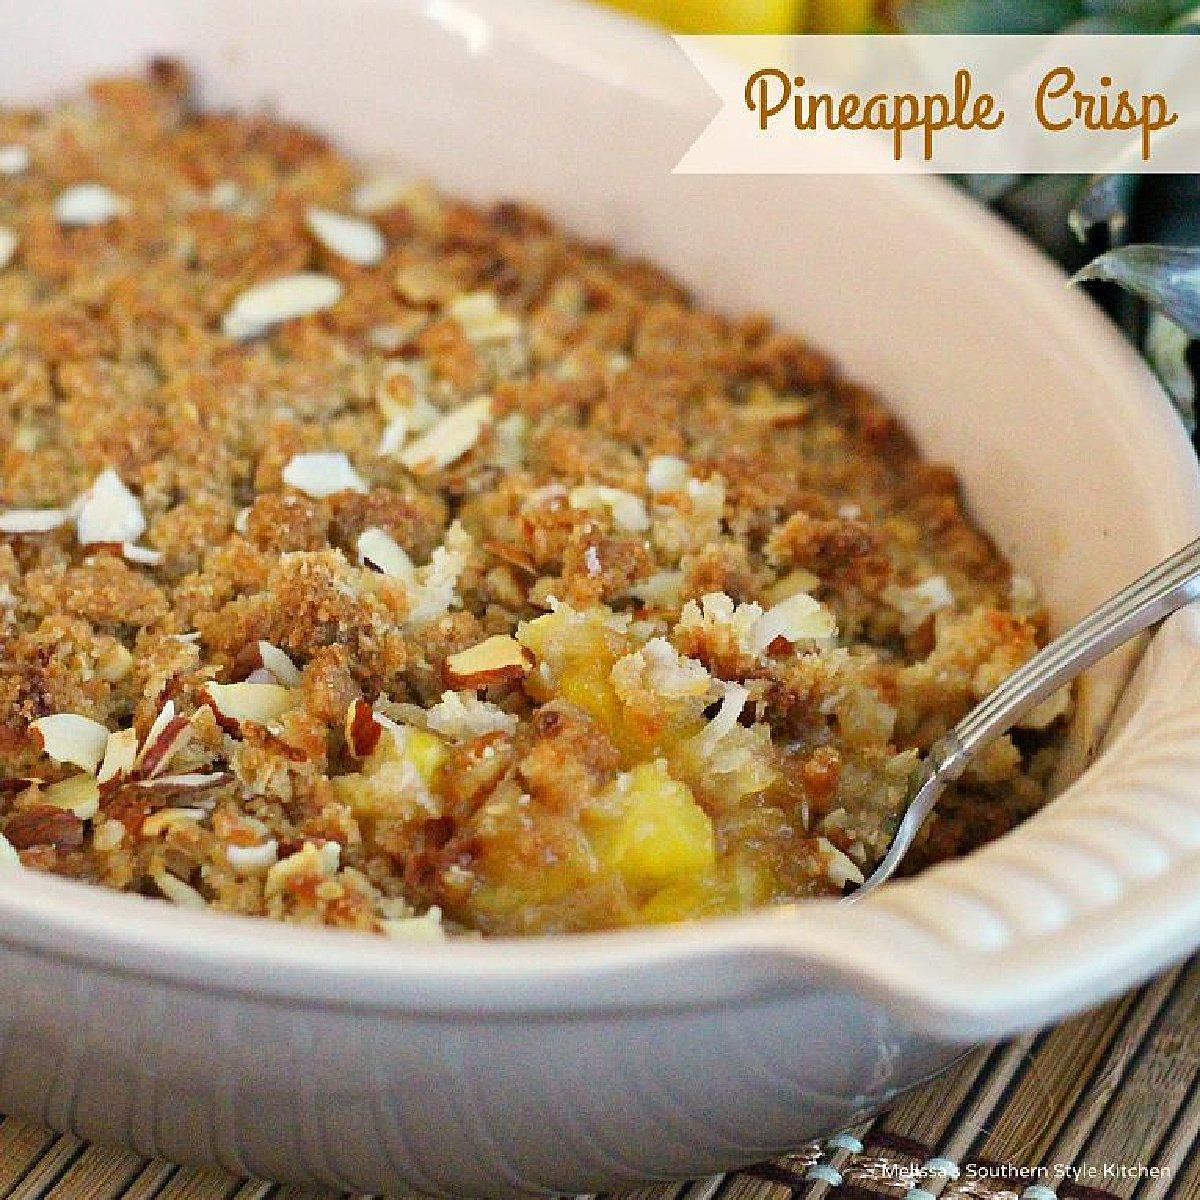 Pineapple Crisp dessert